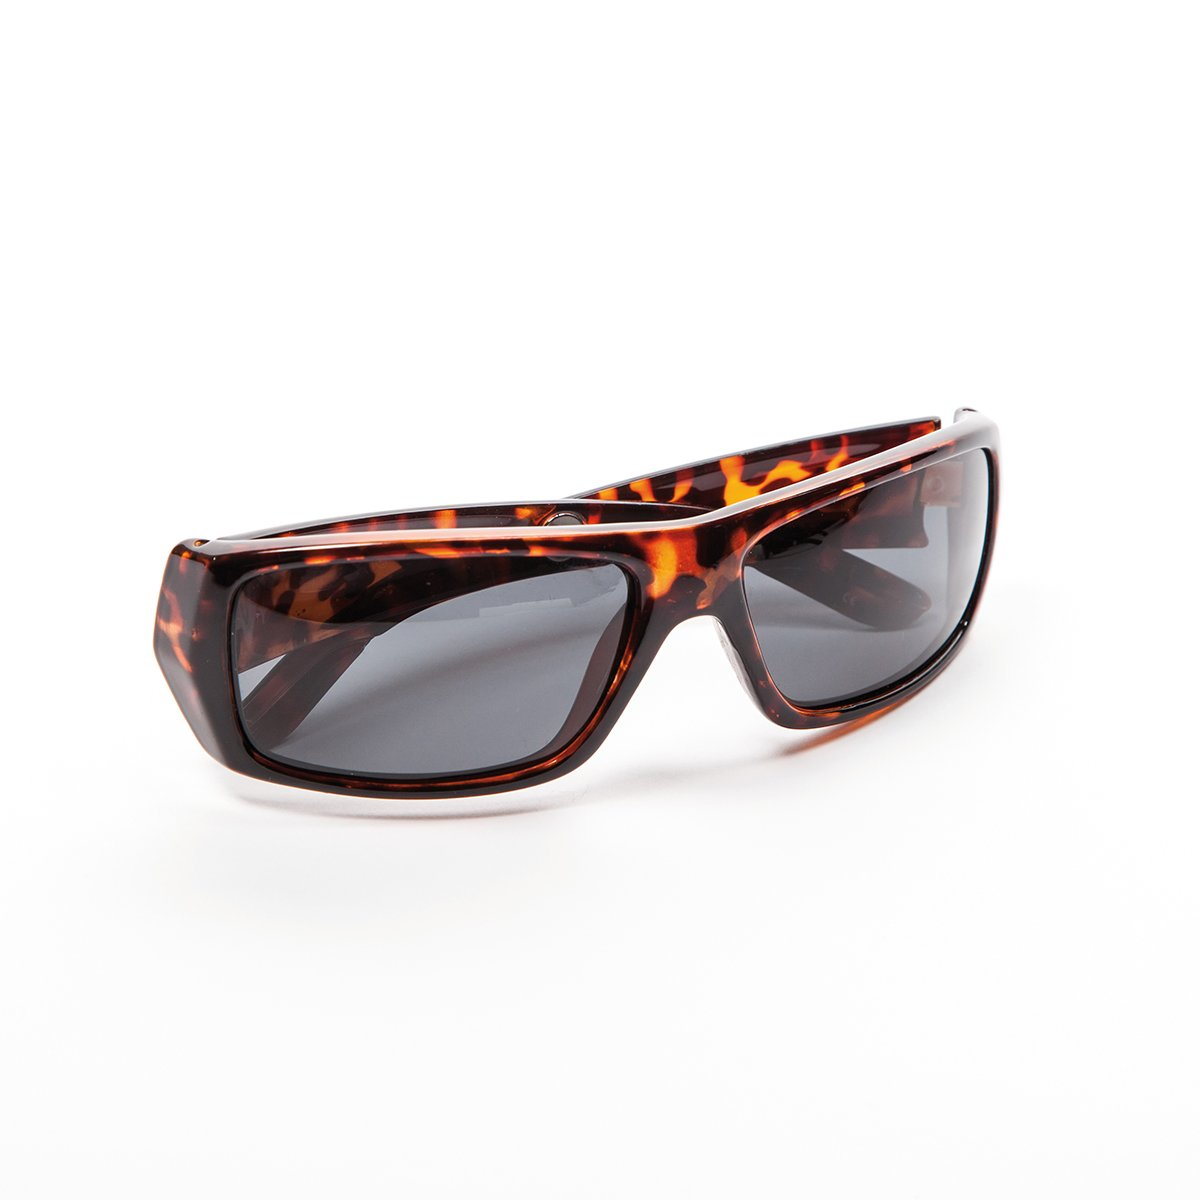 87fb3649c5 JML Polaryte HD de 2 paires d Écaille de tortue Lunettes de soleil avec  protection UV et gratuit Paire Noir Lunettes de soleil  Amazon.fr   Vêtements et ...